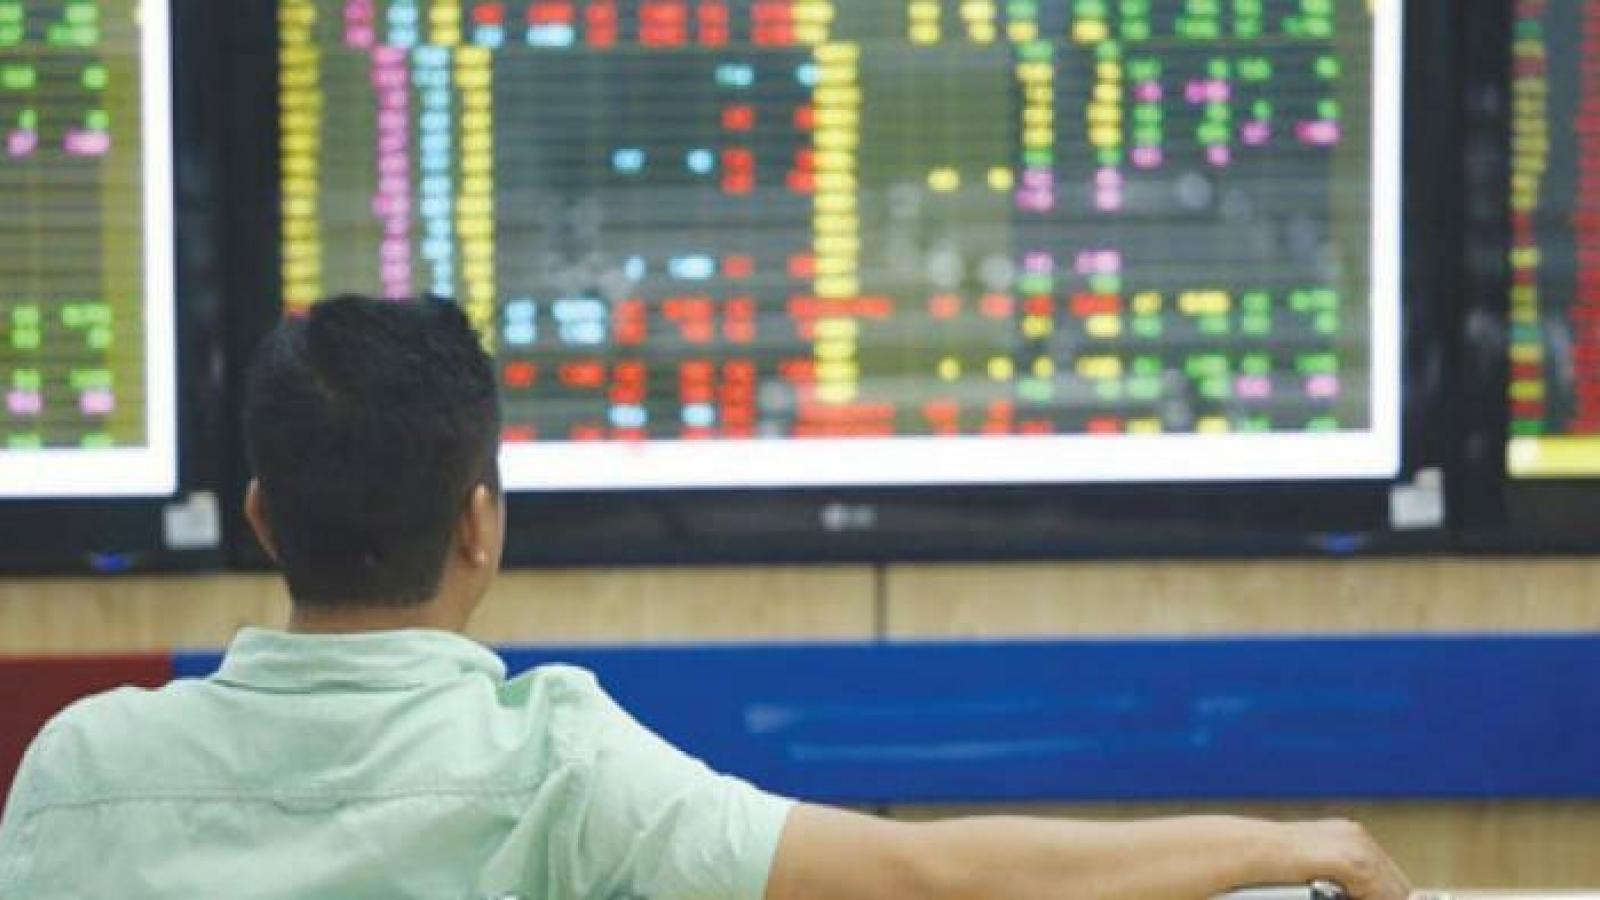 Nhà đầu tư nên hiện thực hóa lợi nhuận, giữ tỷ trọng cổ phiếu trong danh mục an toàn